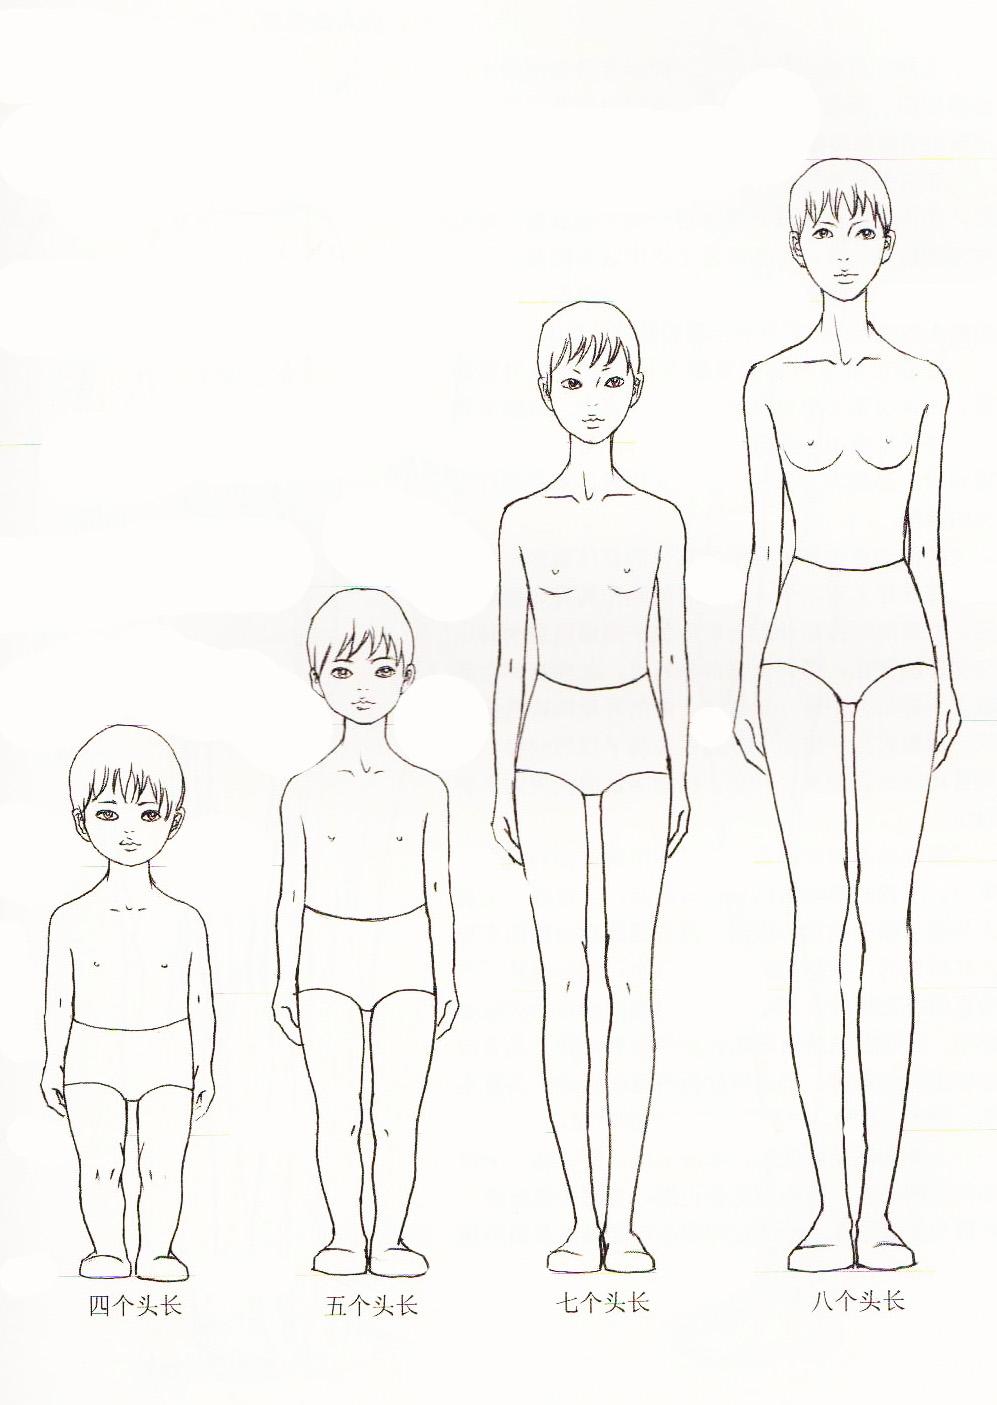 构成服装效果图造型的因素有两个方面:一是人体动态造型,二